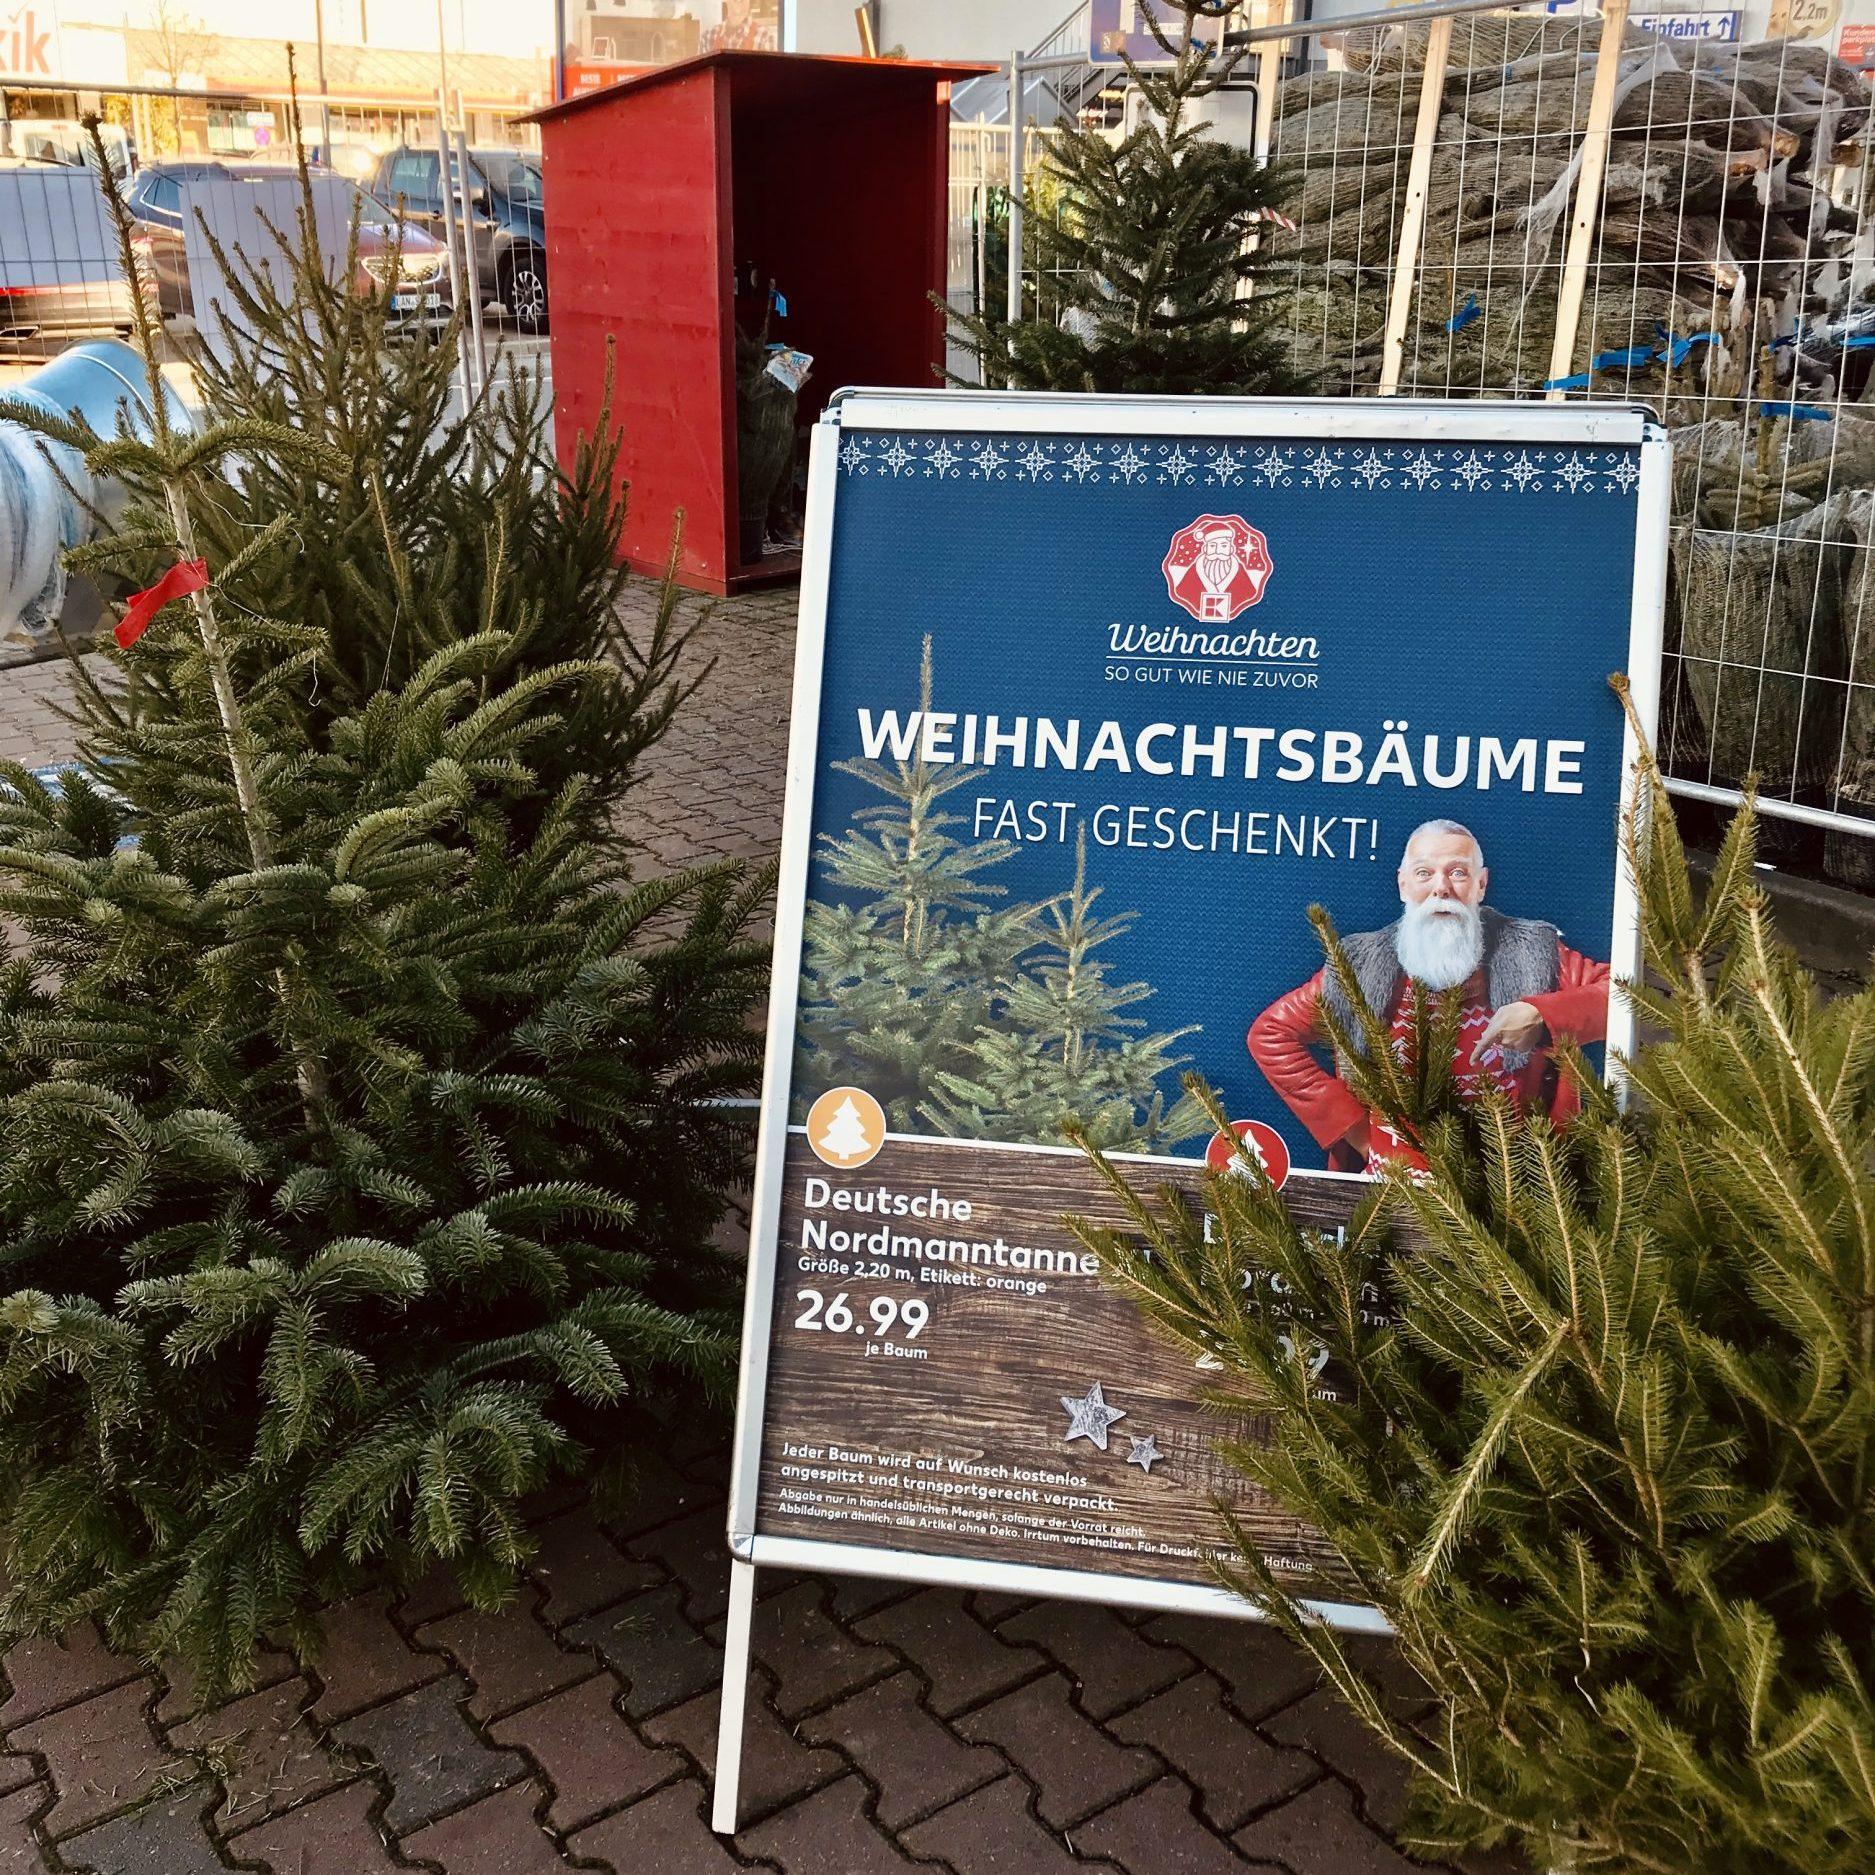 Weihnachtsbäume im Gäubodenpark 🎄🎅